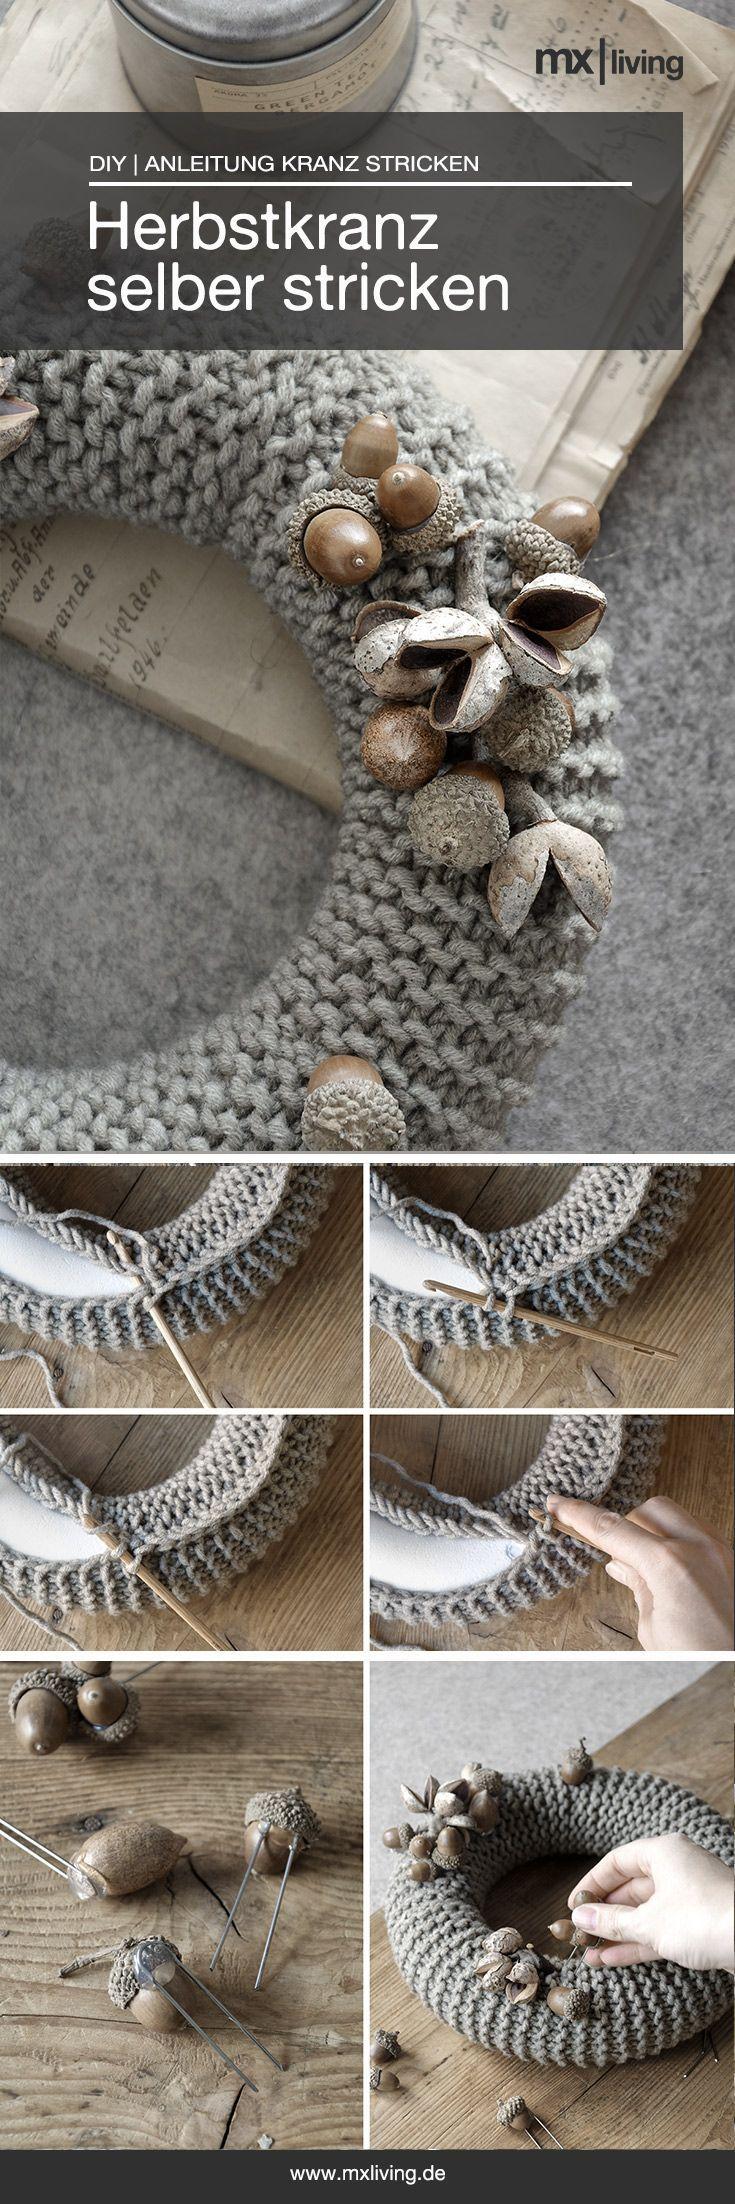 Photo of DIY | Herbstkranz stricken – mxliving